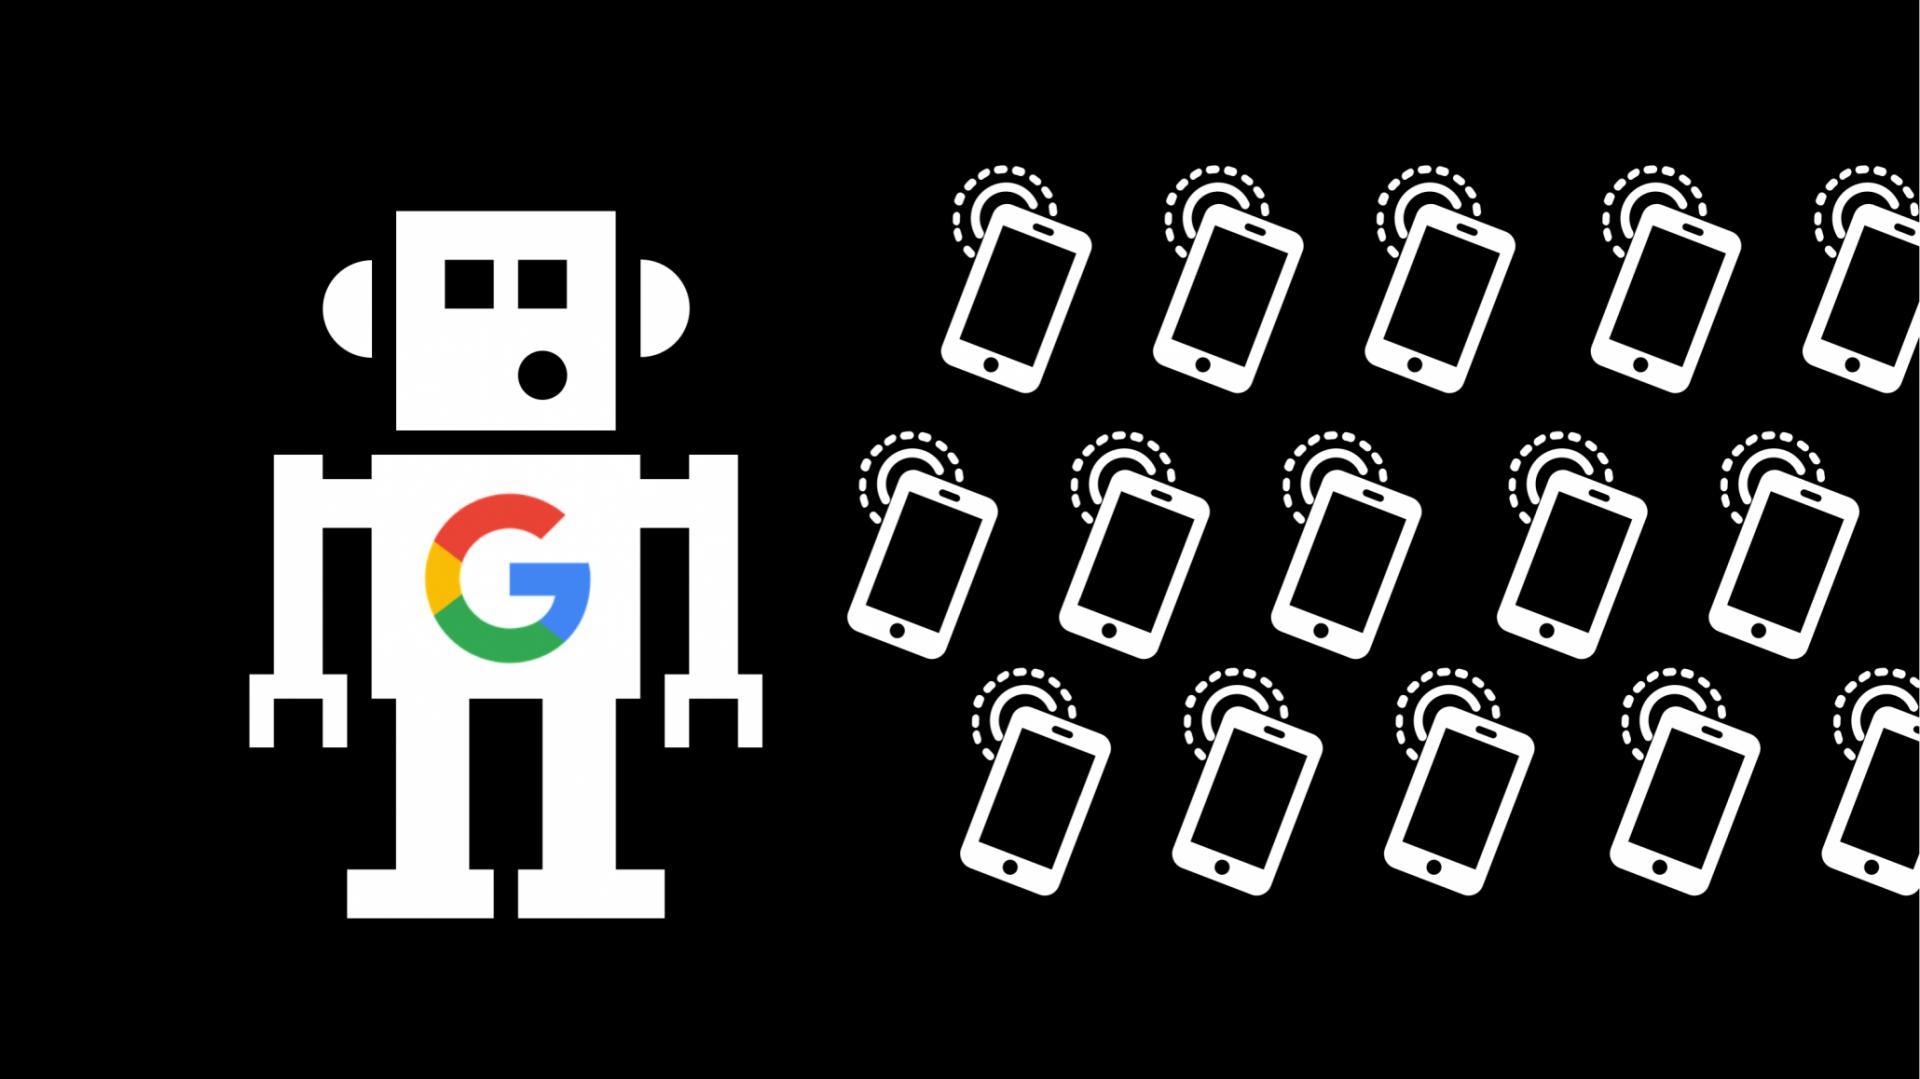 Смартфон наAndroid отправляет освоём владельце в20 раз больше данных, чем iPhone